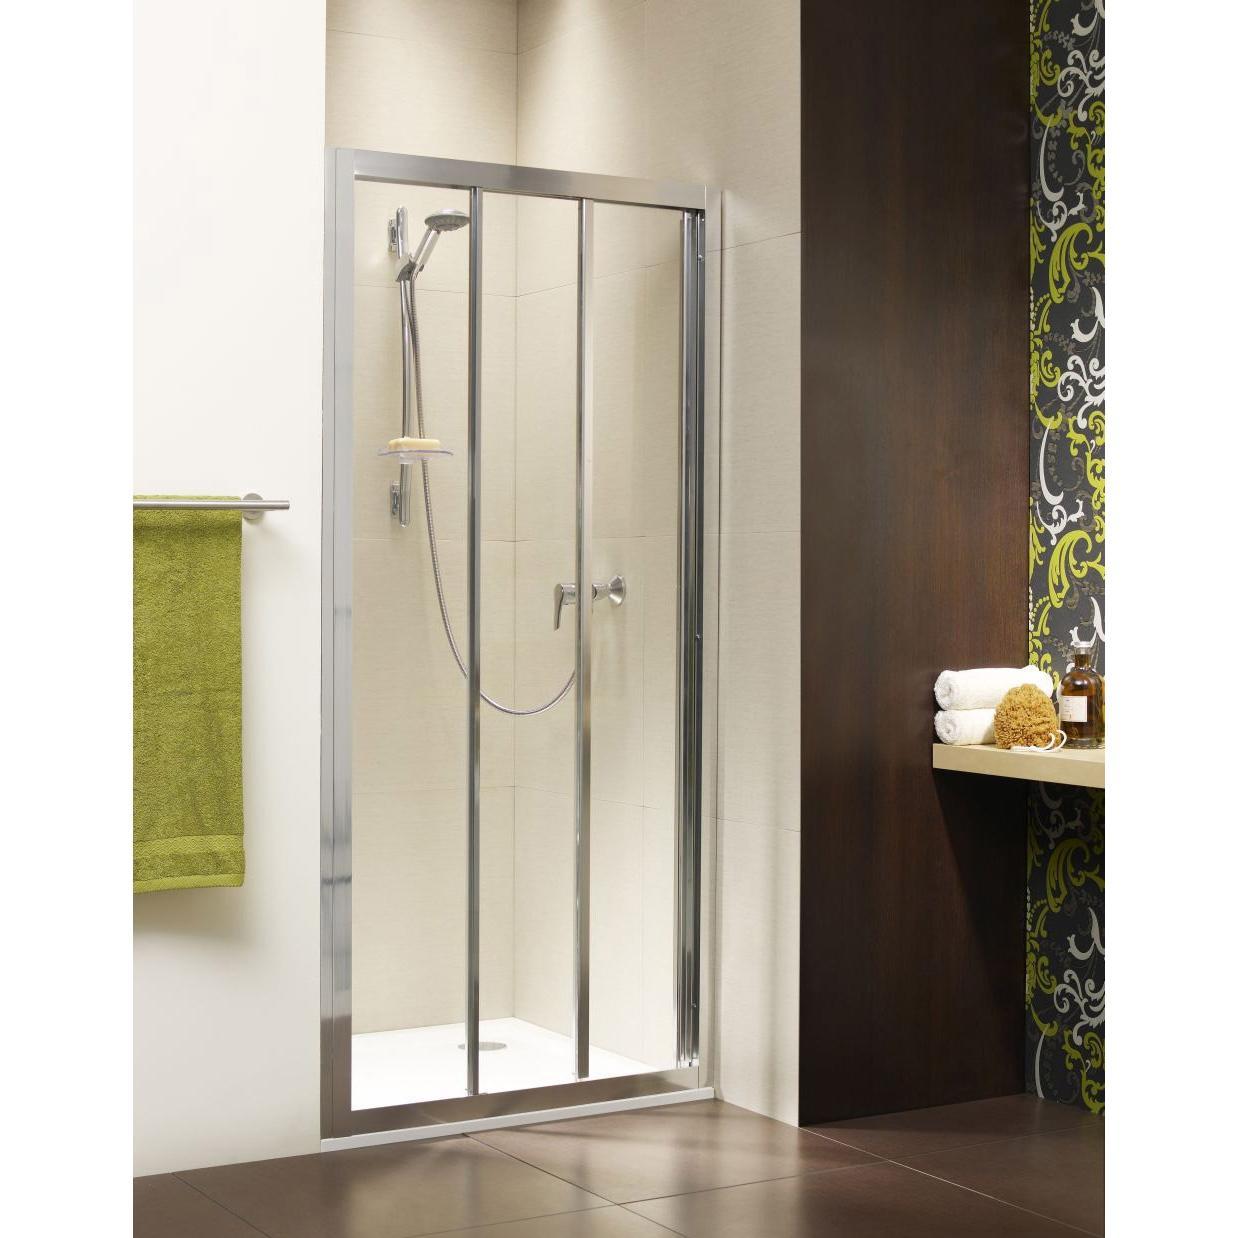 Душевая дверь Radaway Treviso DW 80 хром/прозрачное душевая дверь radaway treviso dw 100 хром коричневое